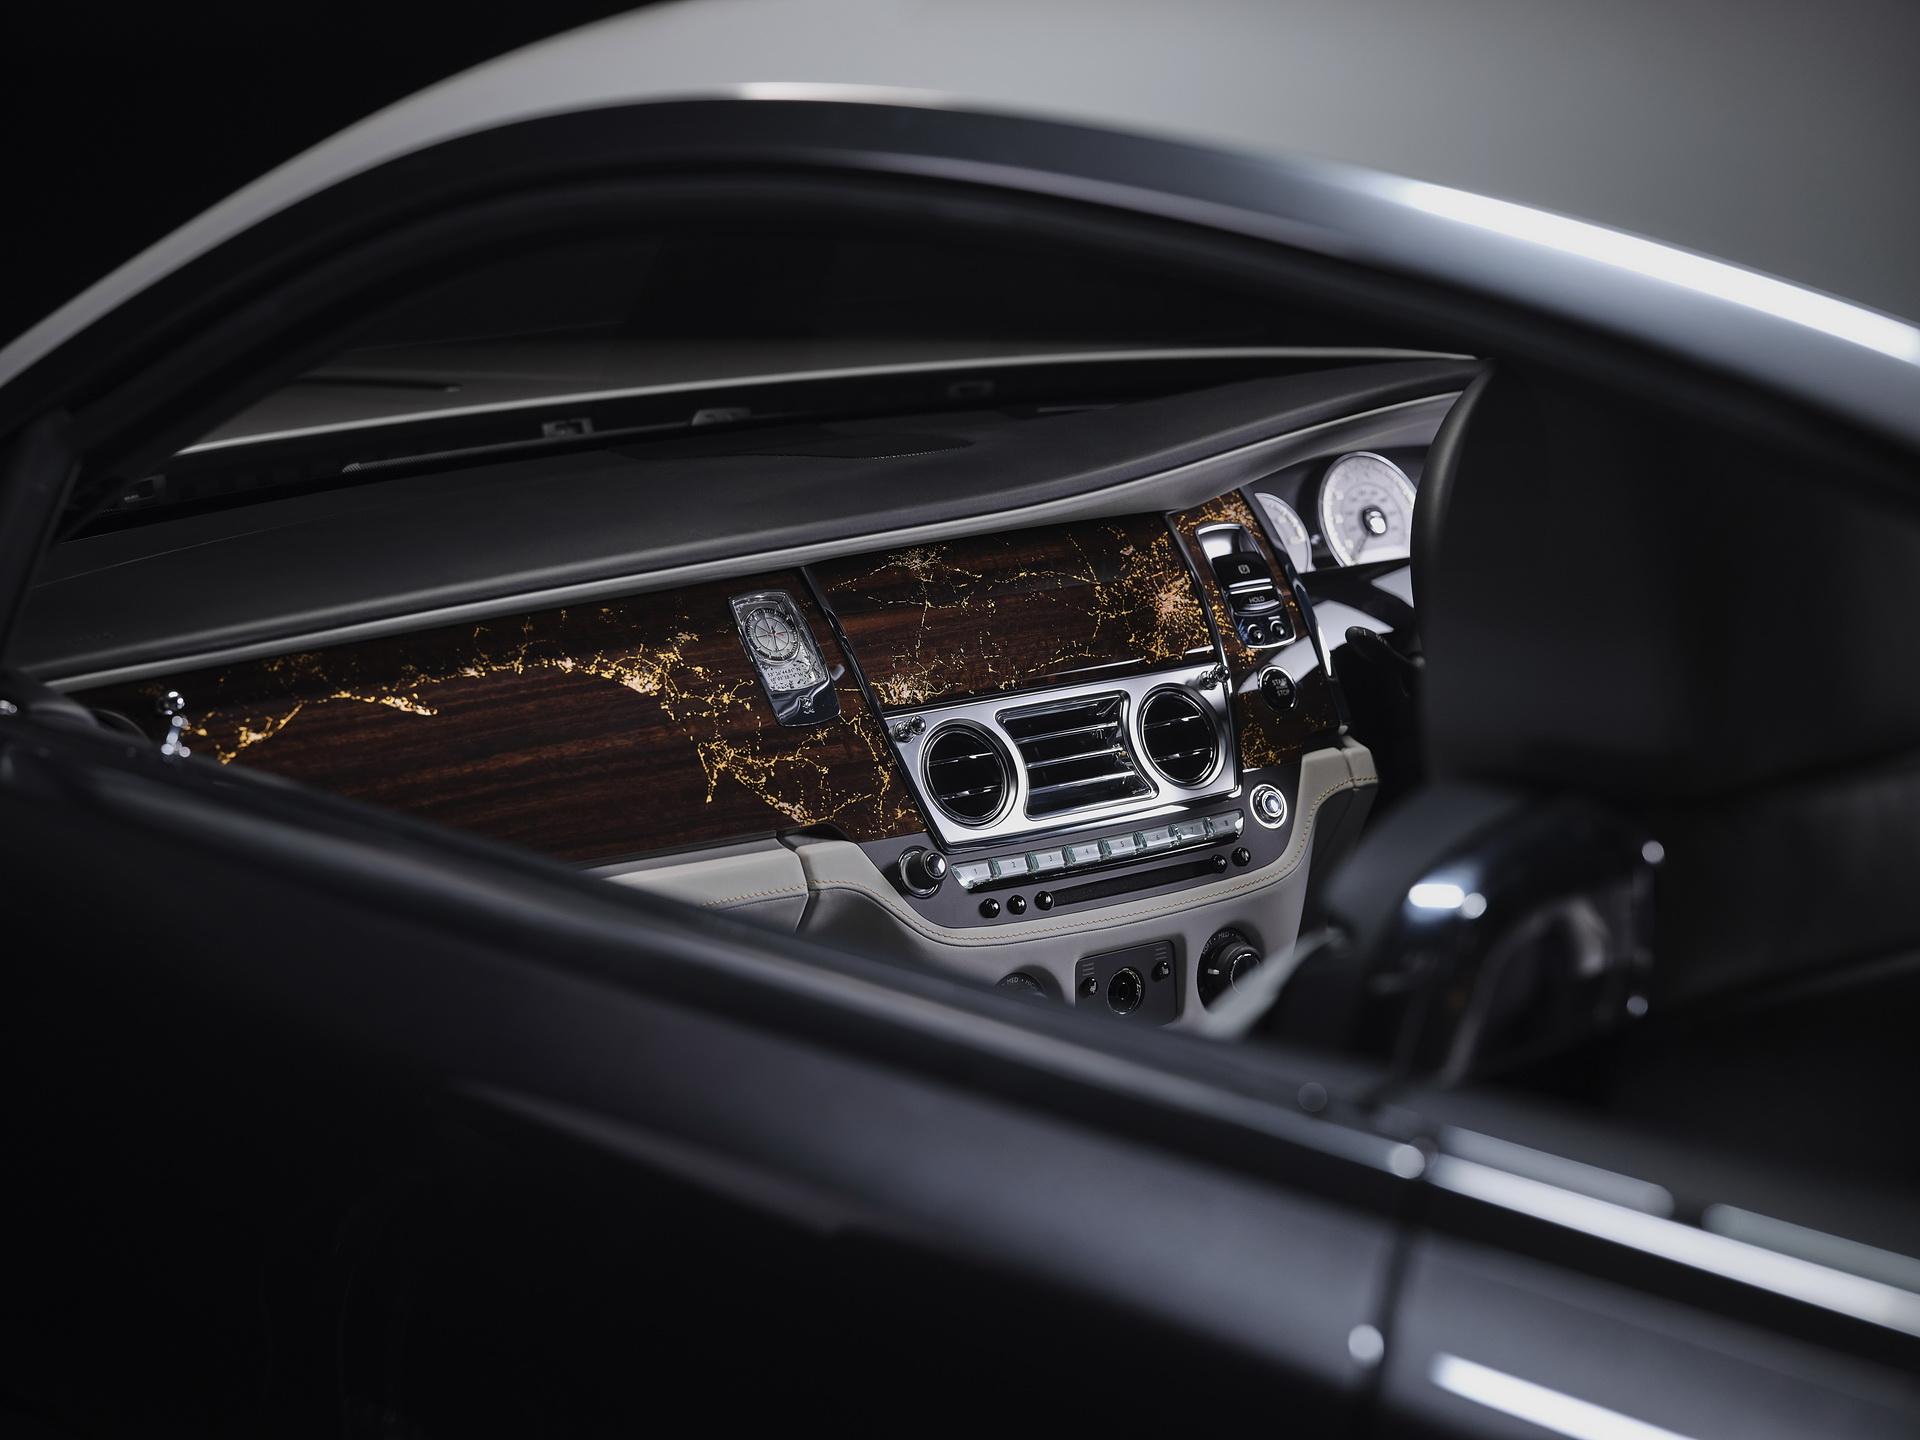 Rolls-Royce Wraith Eagle VIII siêu sang tái hiện chuyến bay lịch sử 100 năm trước - 09